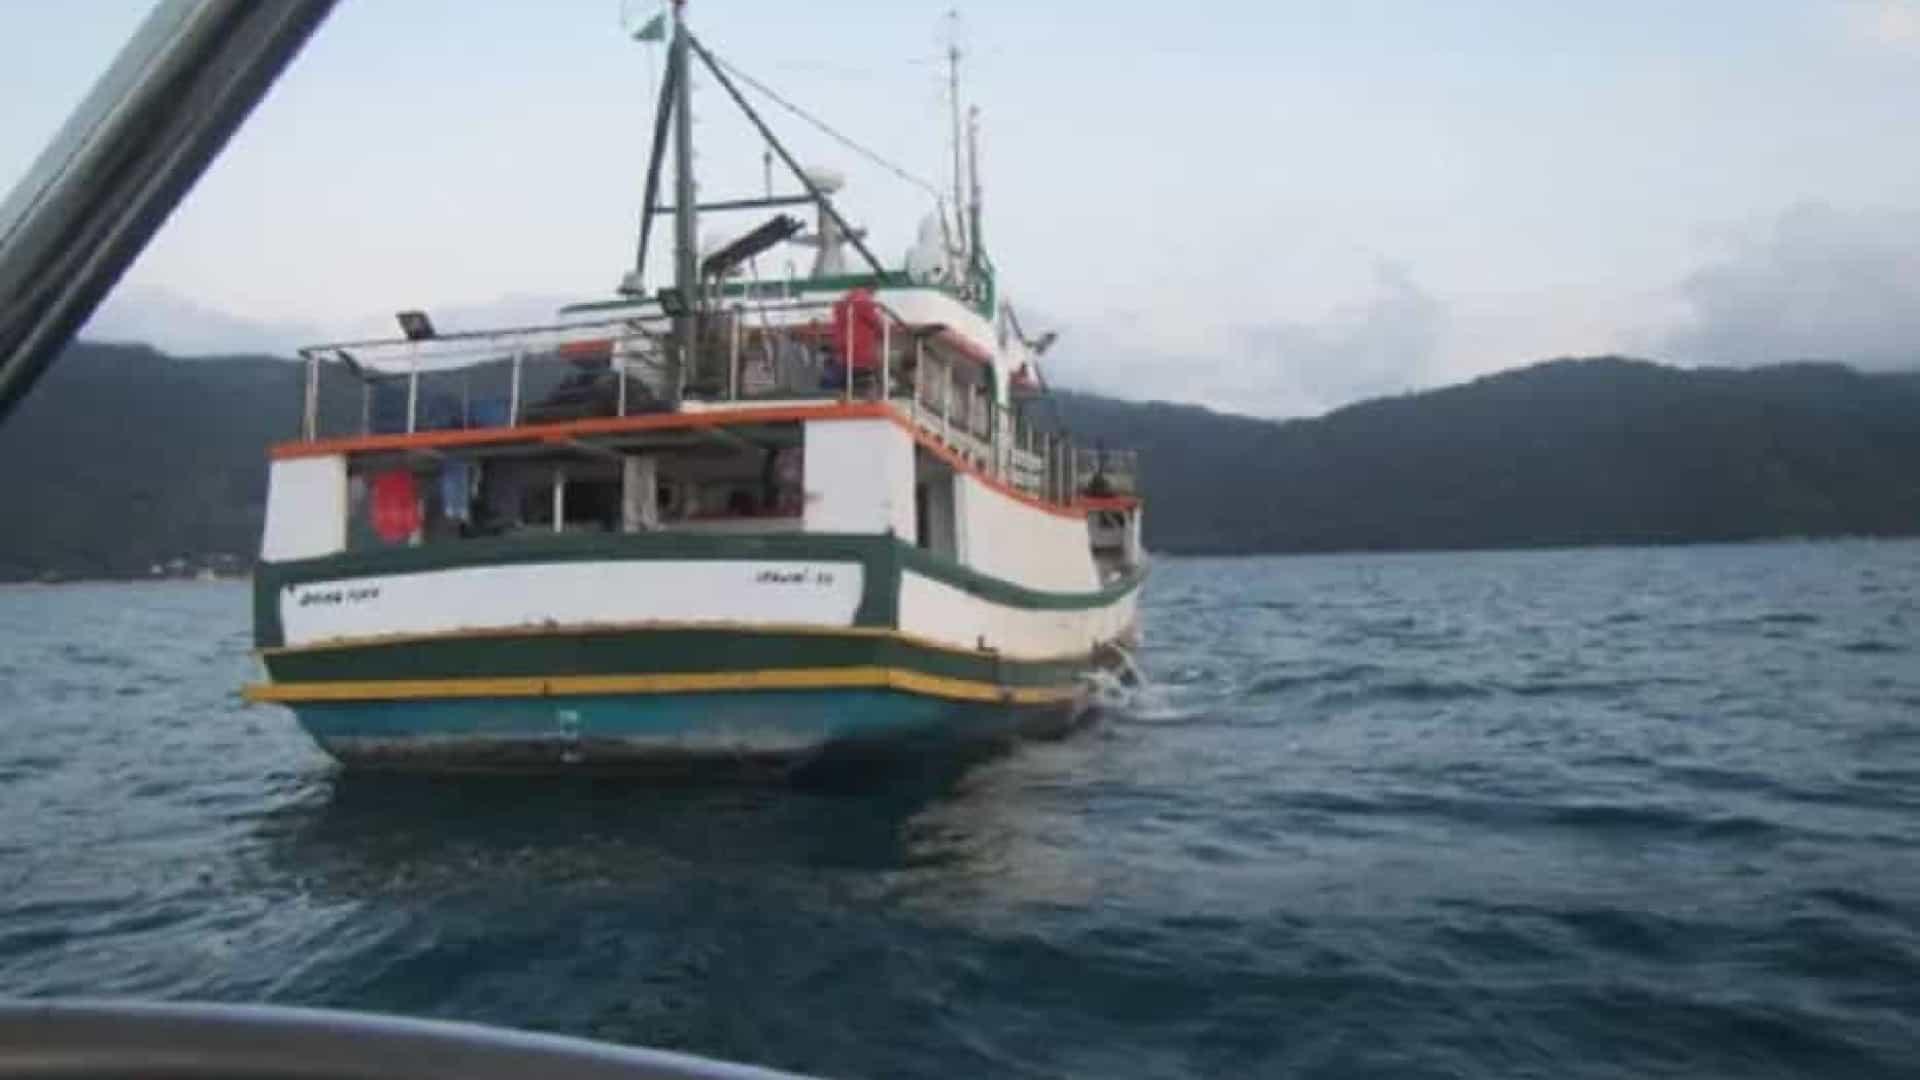 naom 5d445a7aa0da7 - Pará proíbe entrada de barcos de passageiros provenientes do Amazonas